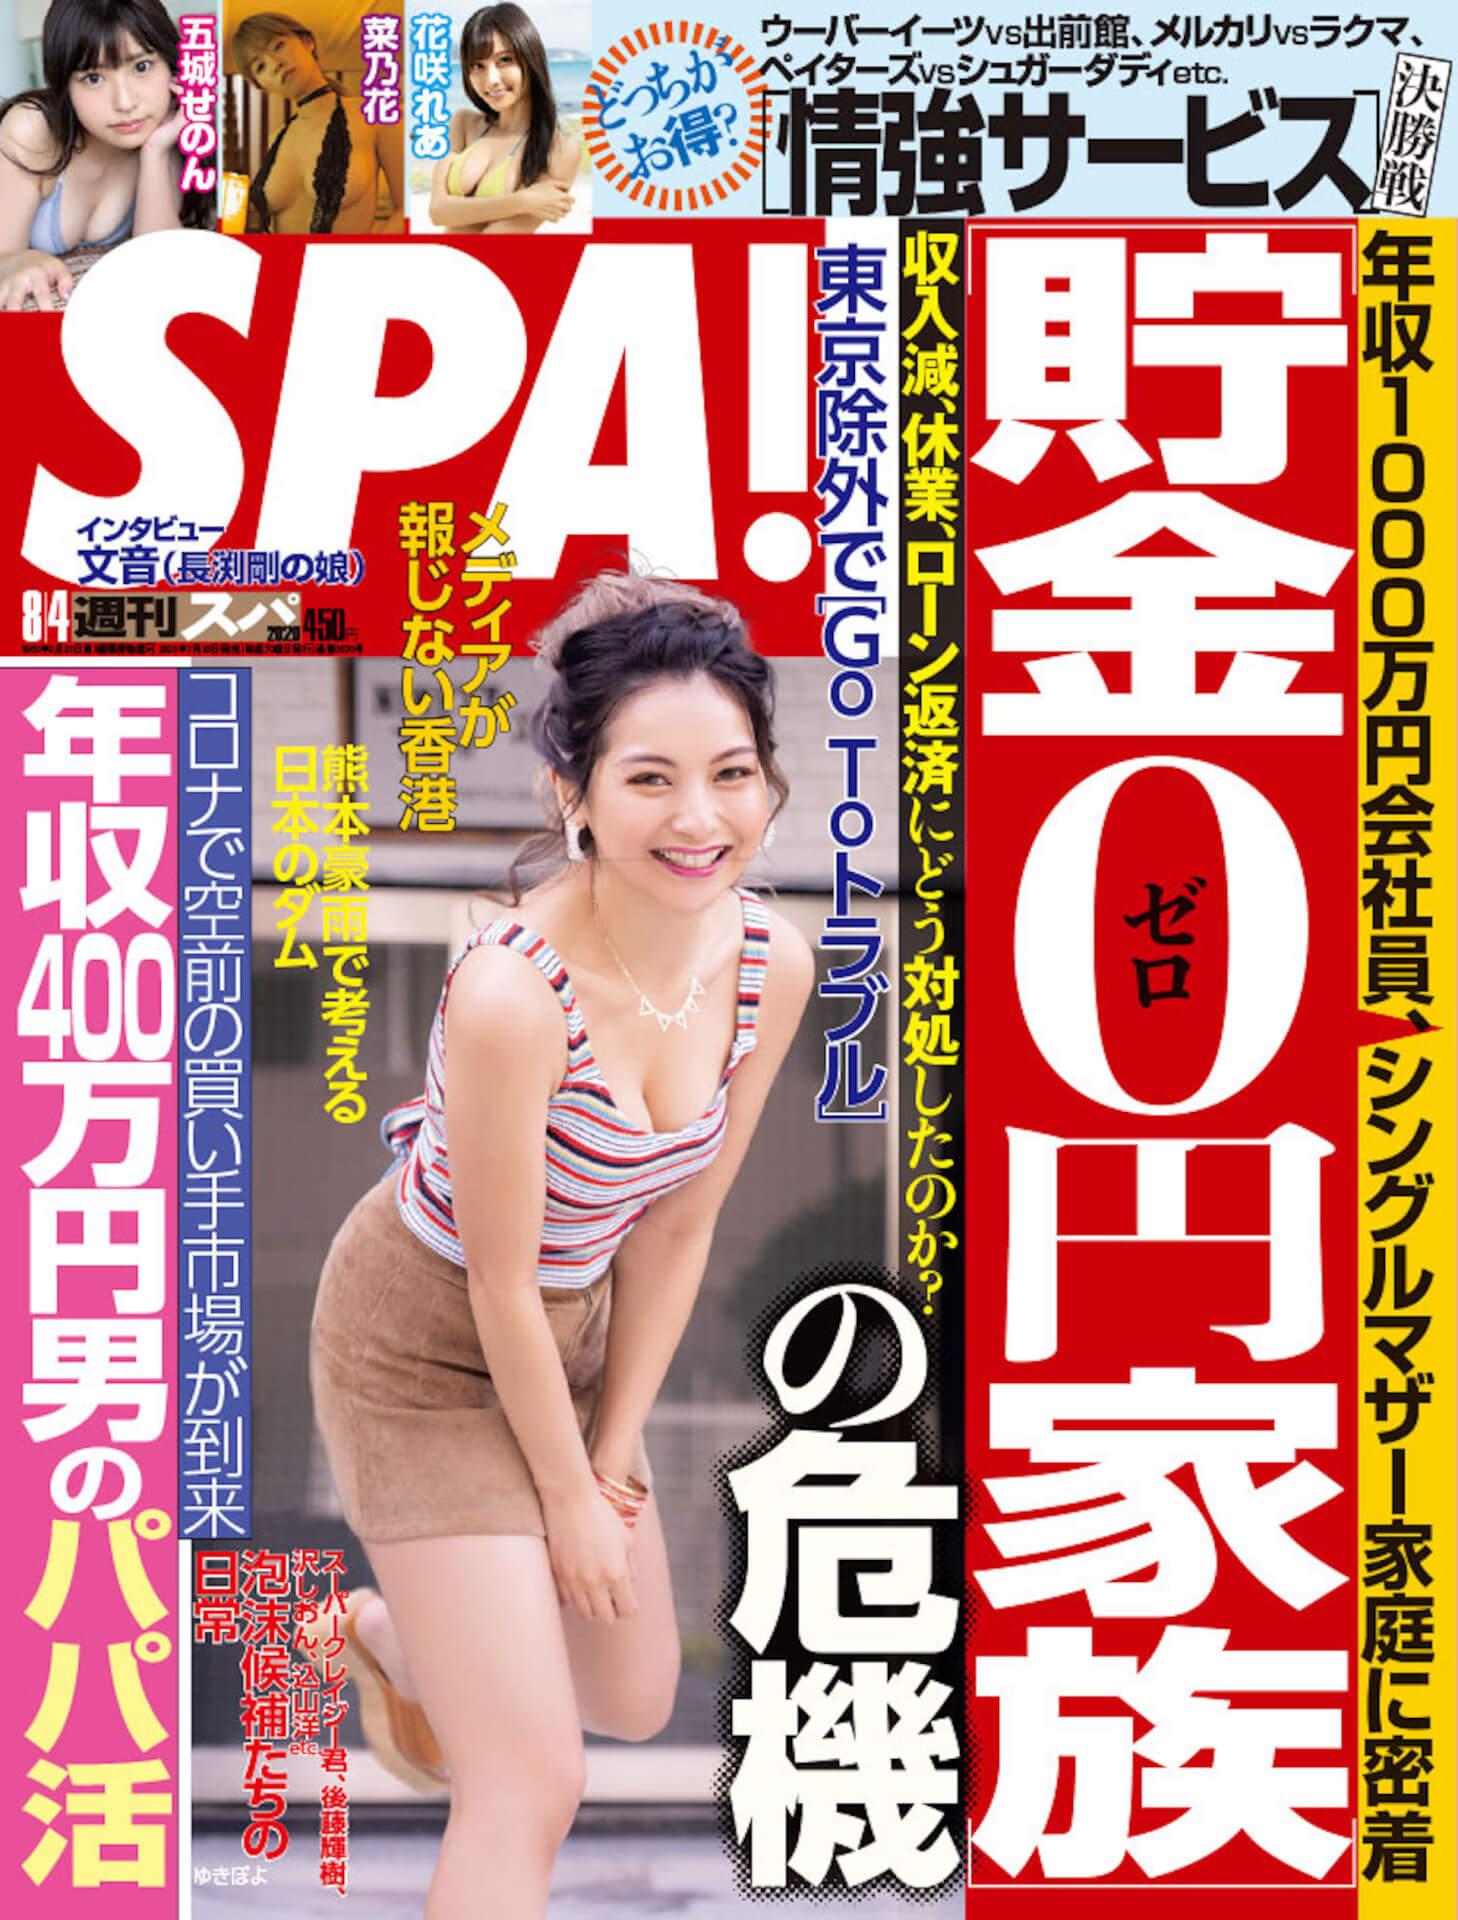 小柄ながらもグラマラスな美ボディで魅了する五城せのんが『週刊SPA!』のグラビアページに初登場! art200728_gojohsenon_4